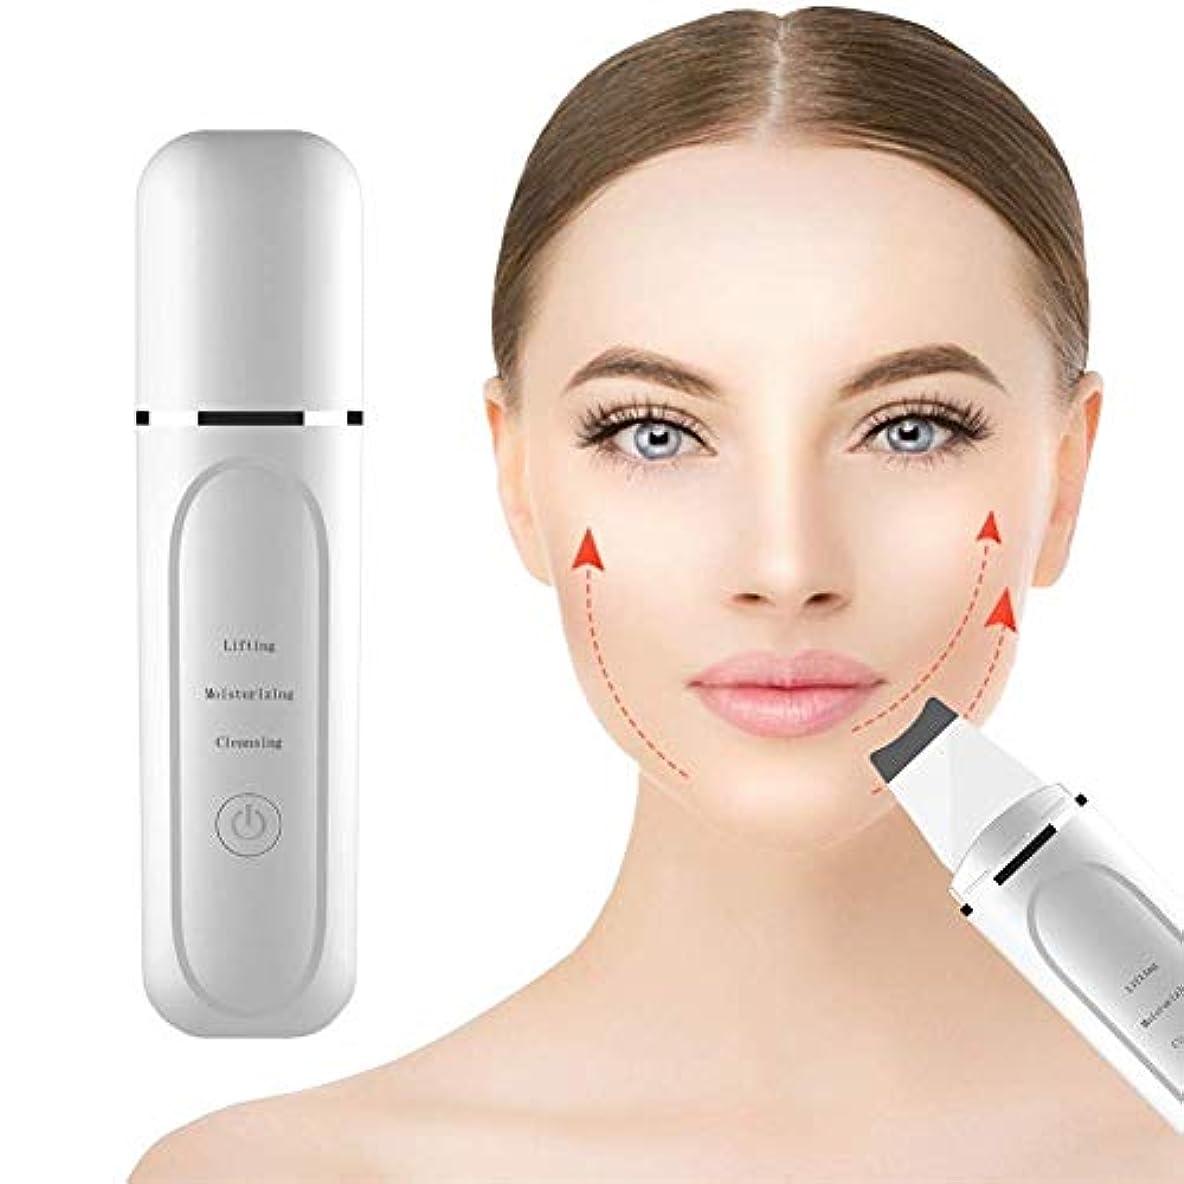 招待ありがたい農業黒ずみを除去するための顔の皮膚スクラバーポータブル死んだ皮膚超音波顔スクラバースキンケア剥離しわ除去機クリーナー顔の美容装置